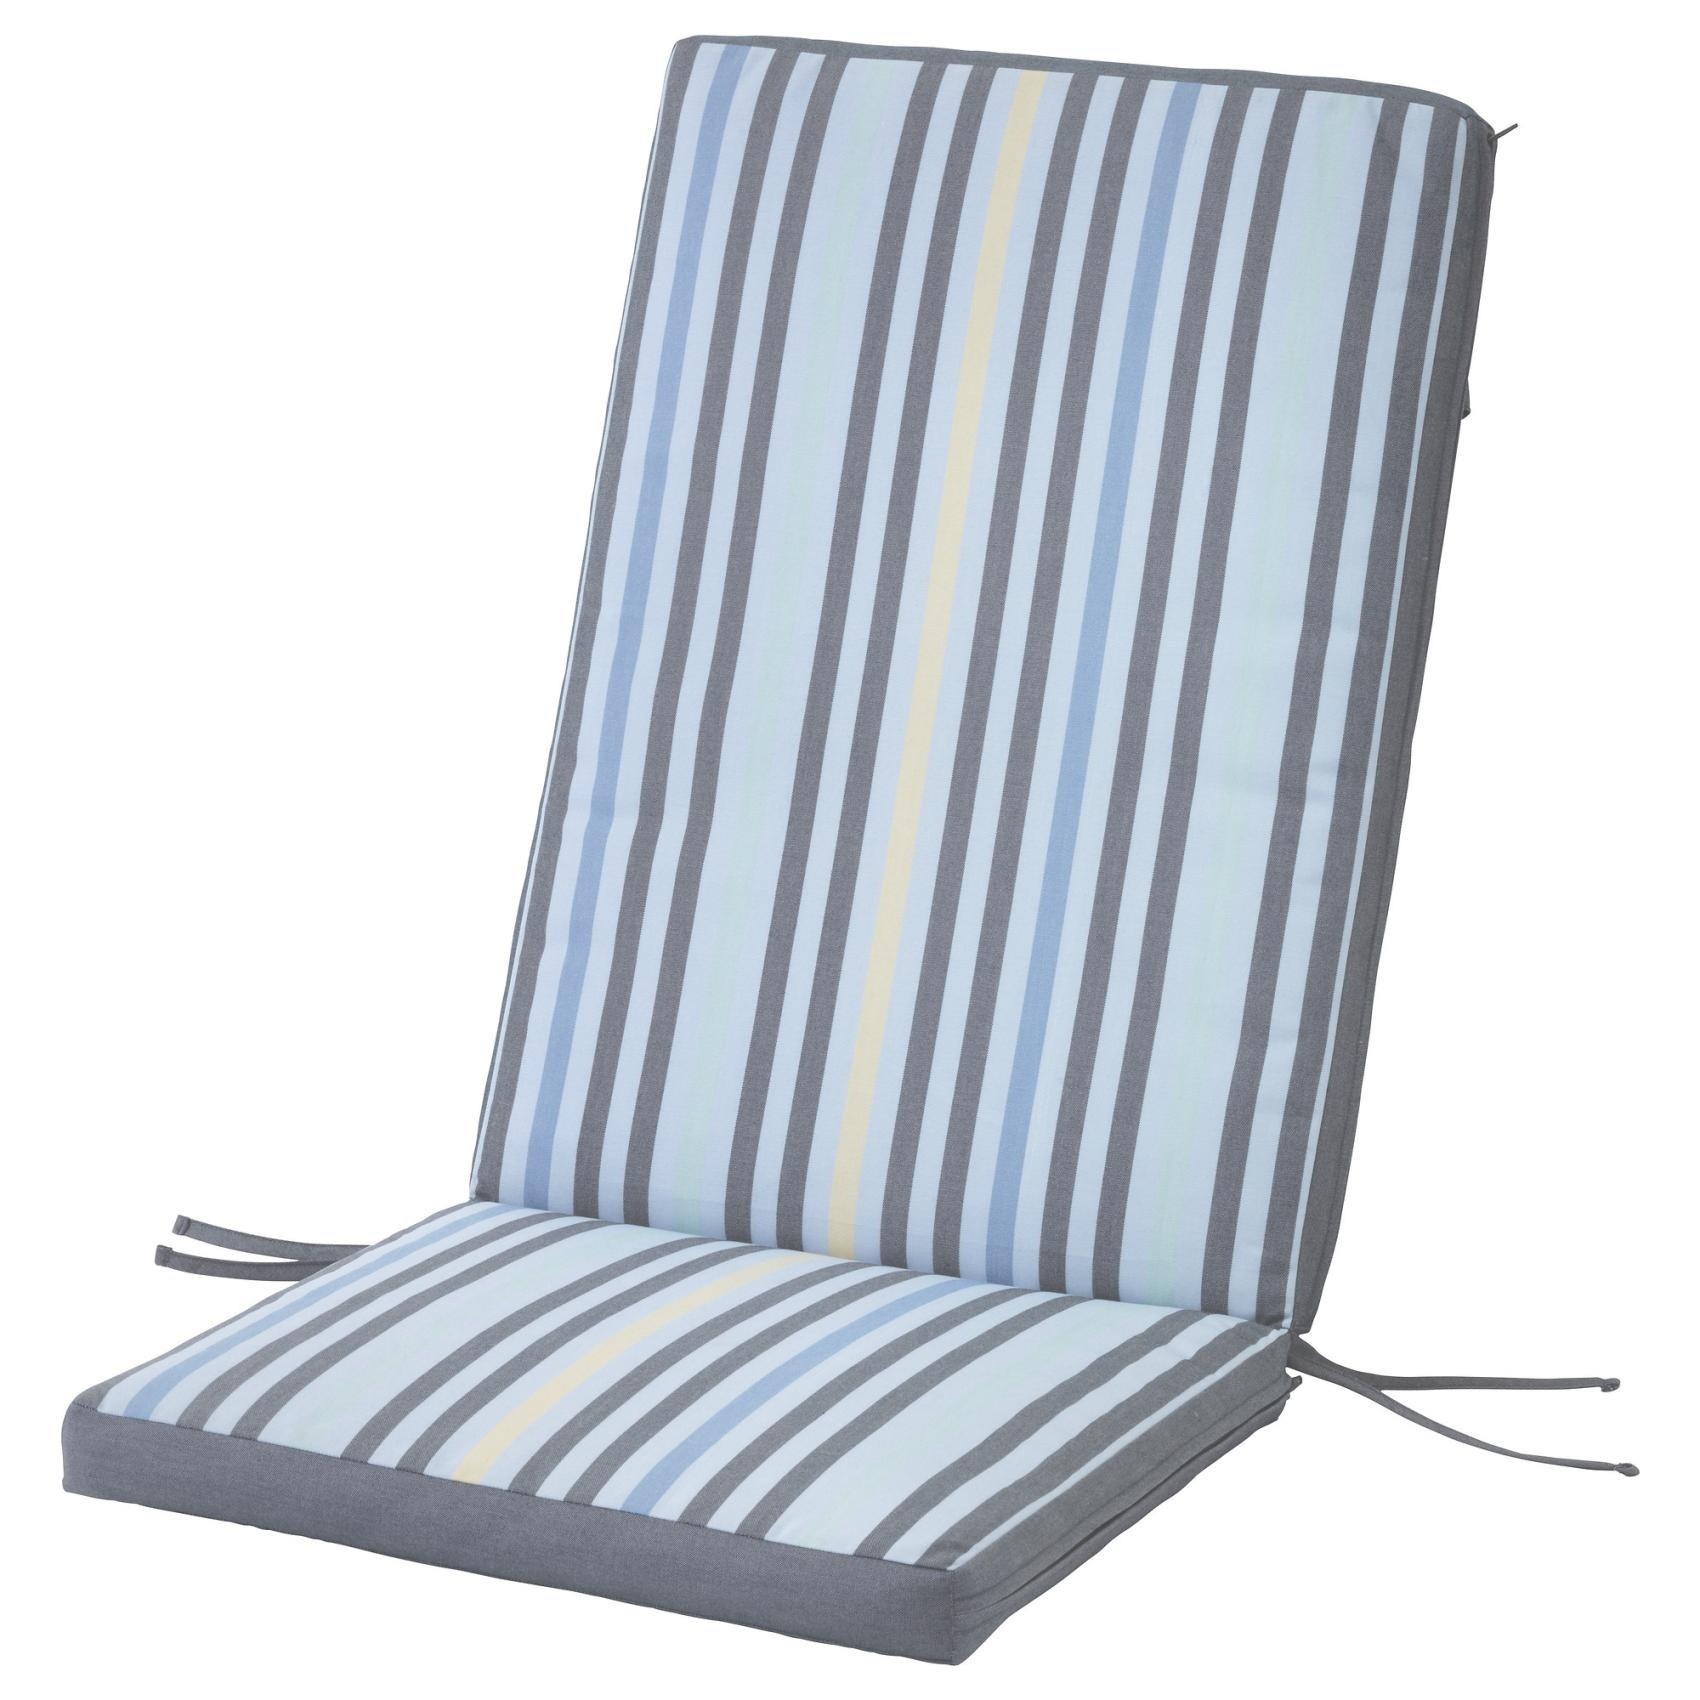 Rocking Chair Exterieur Ikea Beau Photos 44 Impressionnant Portraits De Coussins D Extérieur Jardin